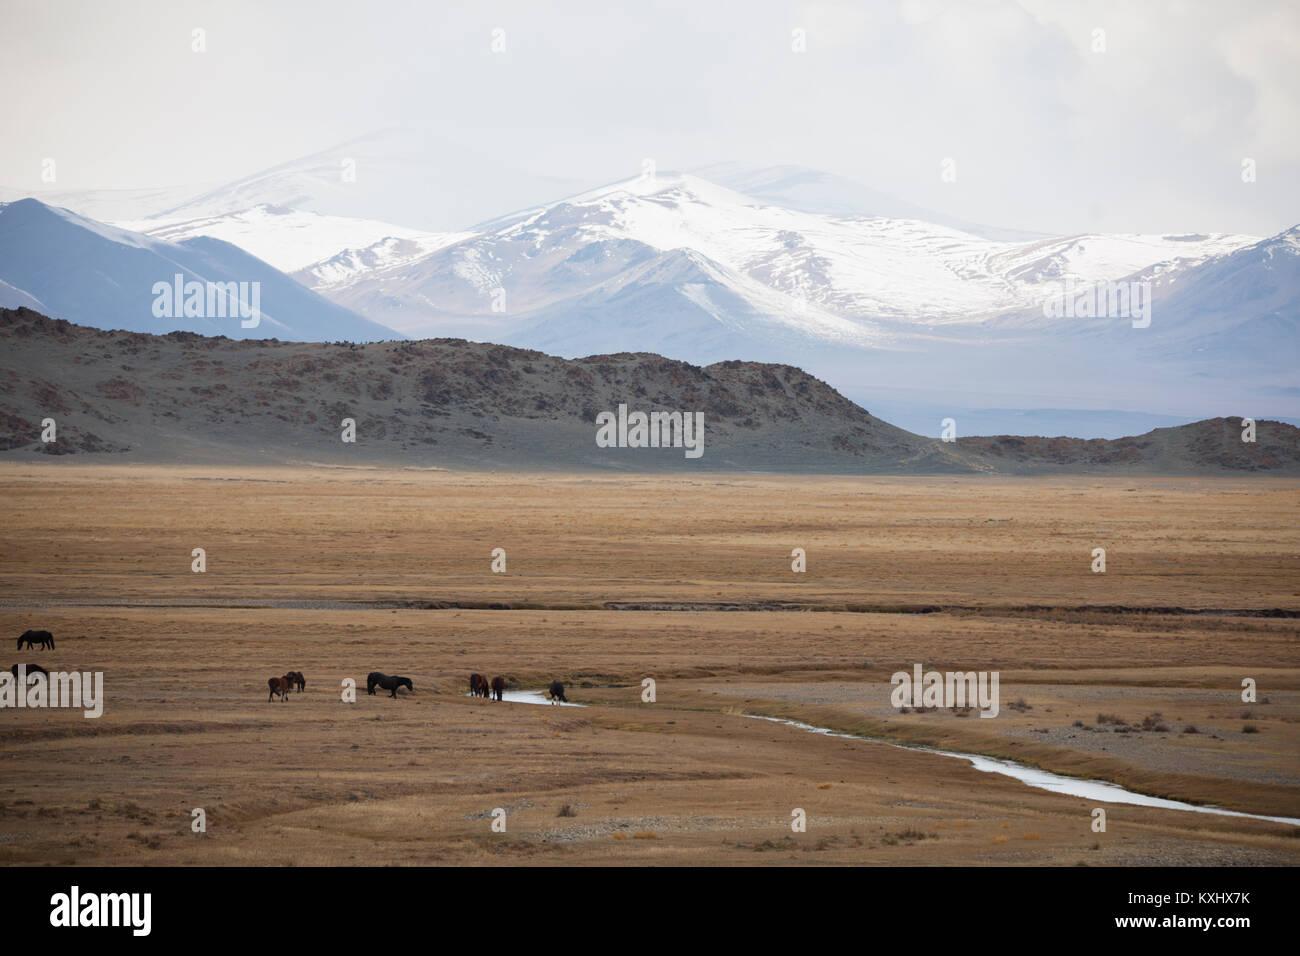 Paisaje mongol montañas nevadas invernales de nieve caballos salvajes bebiendo del río de Mongolia Imagen De Stock